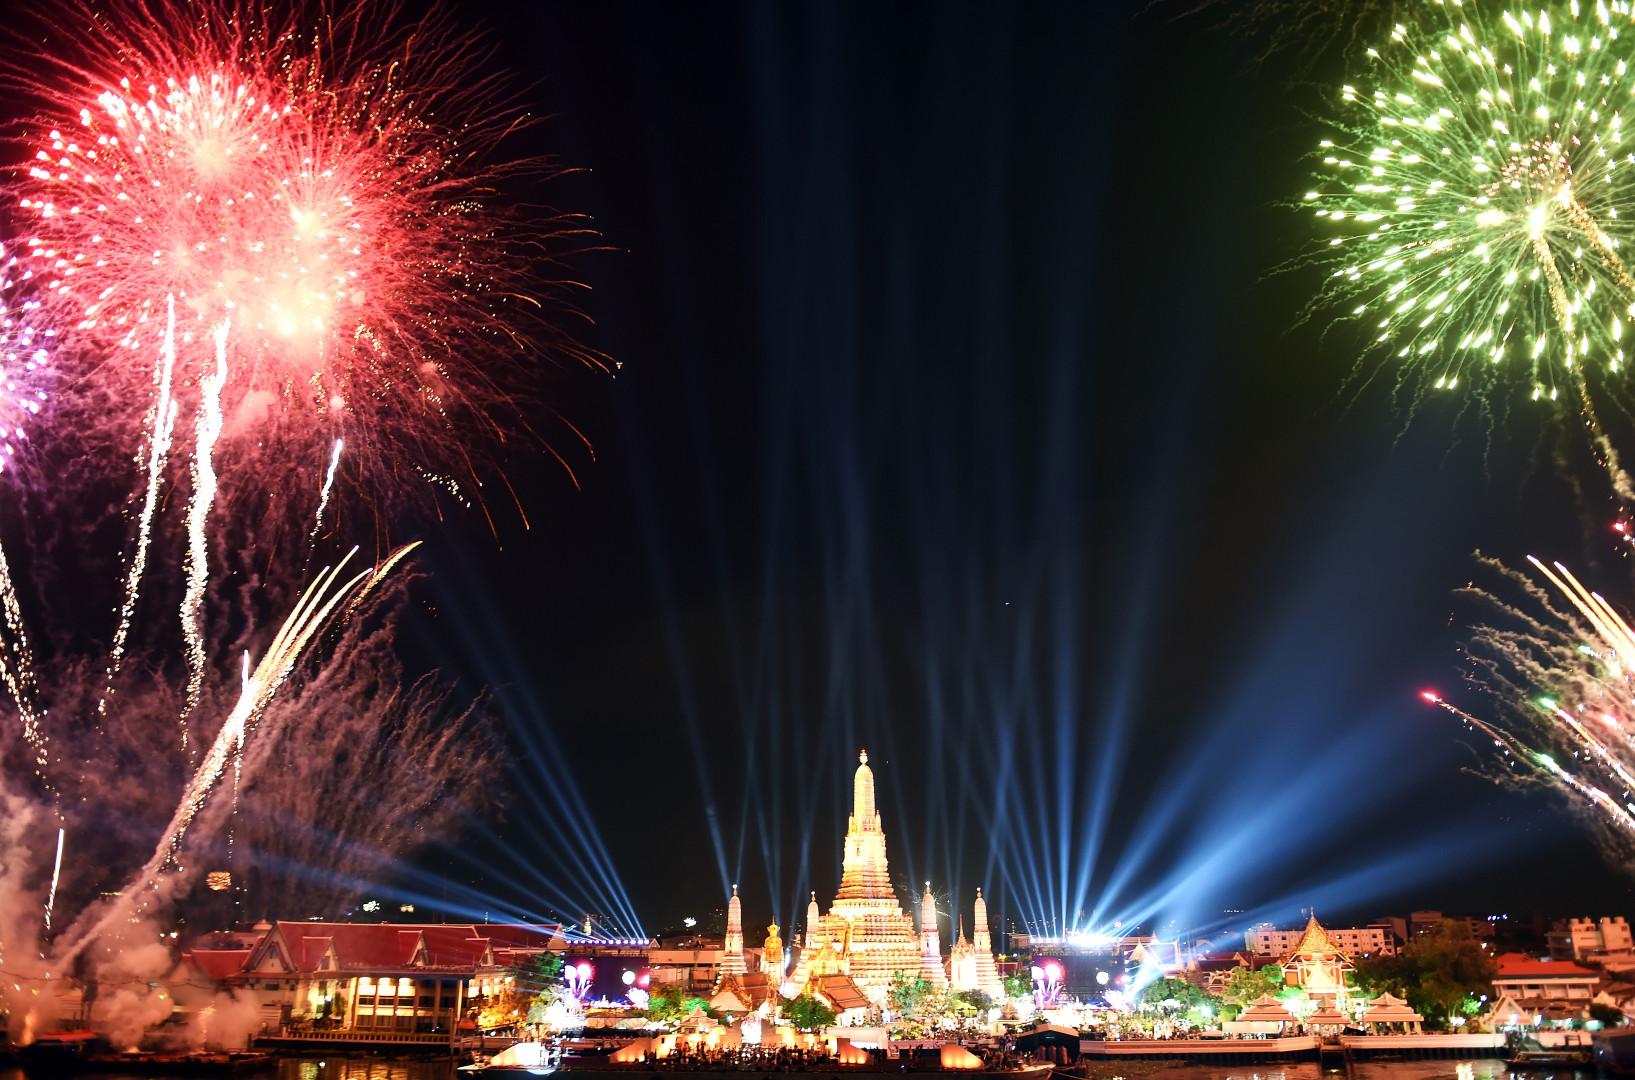 À Bangkok, des feux d'artifice au-dessus du temple Wat Arun